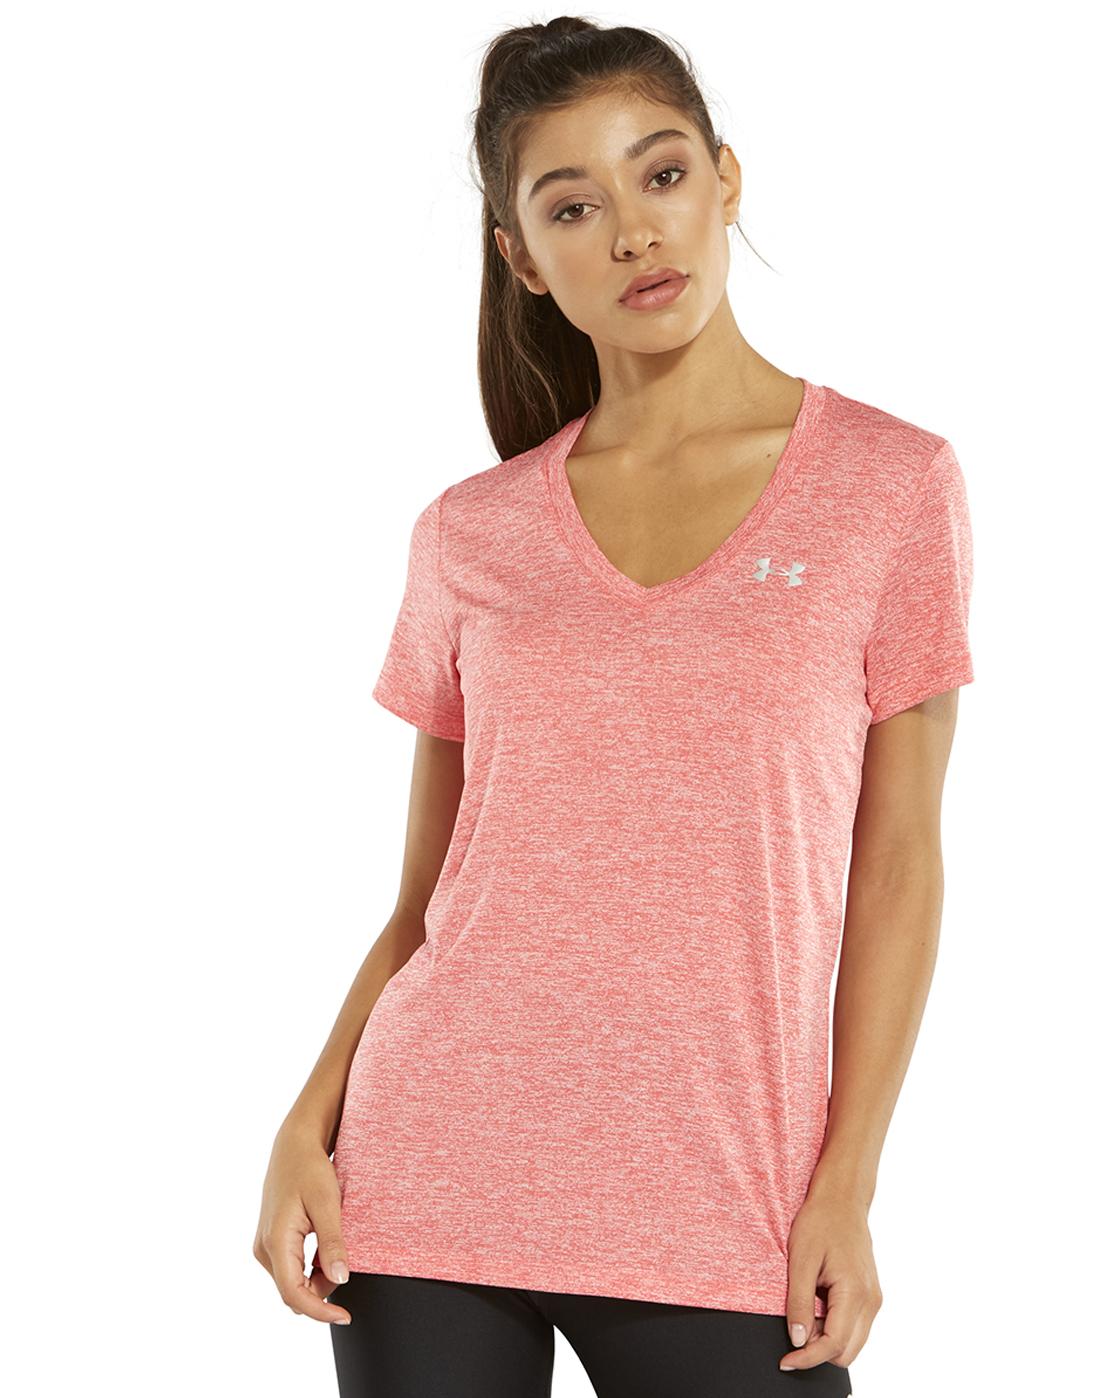 Women s Pink Under Armour Gym T-Shirt  d5202d6f93